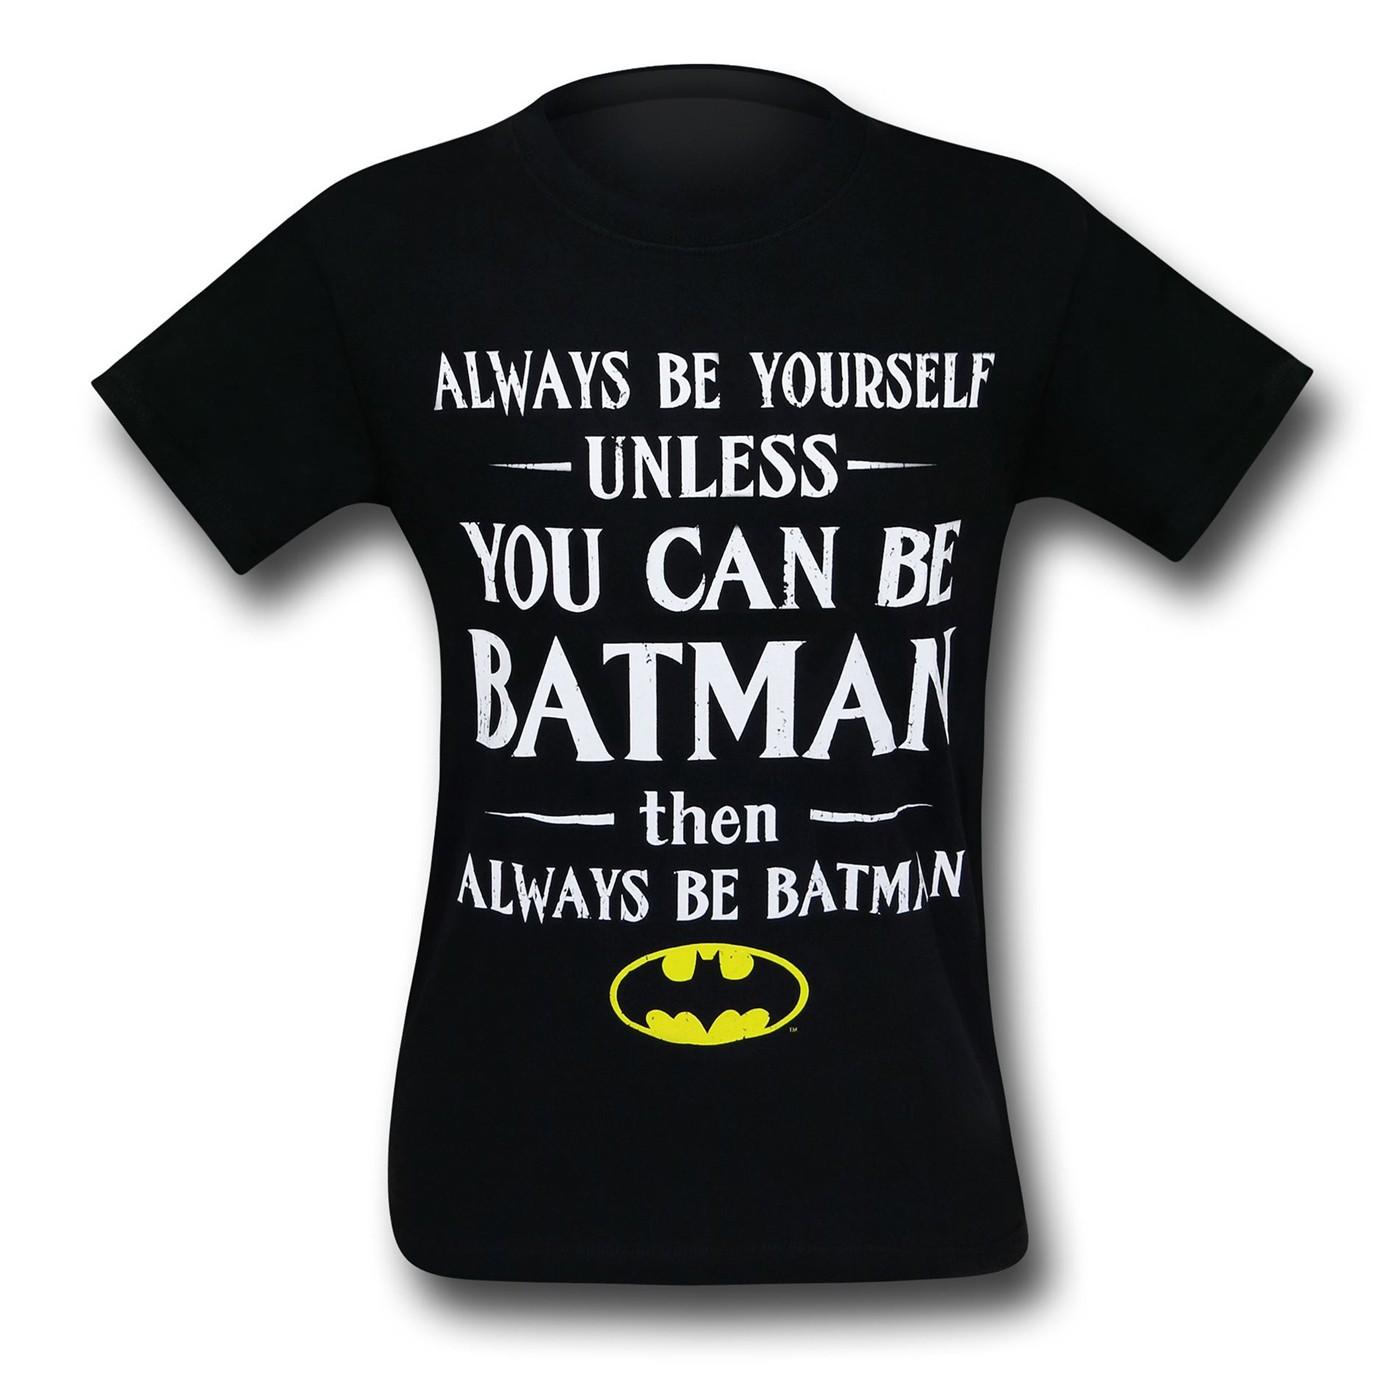 Batman Be Yourself Unless T-Shirt